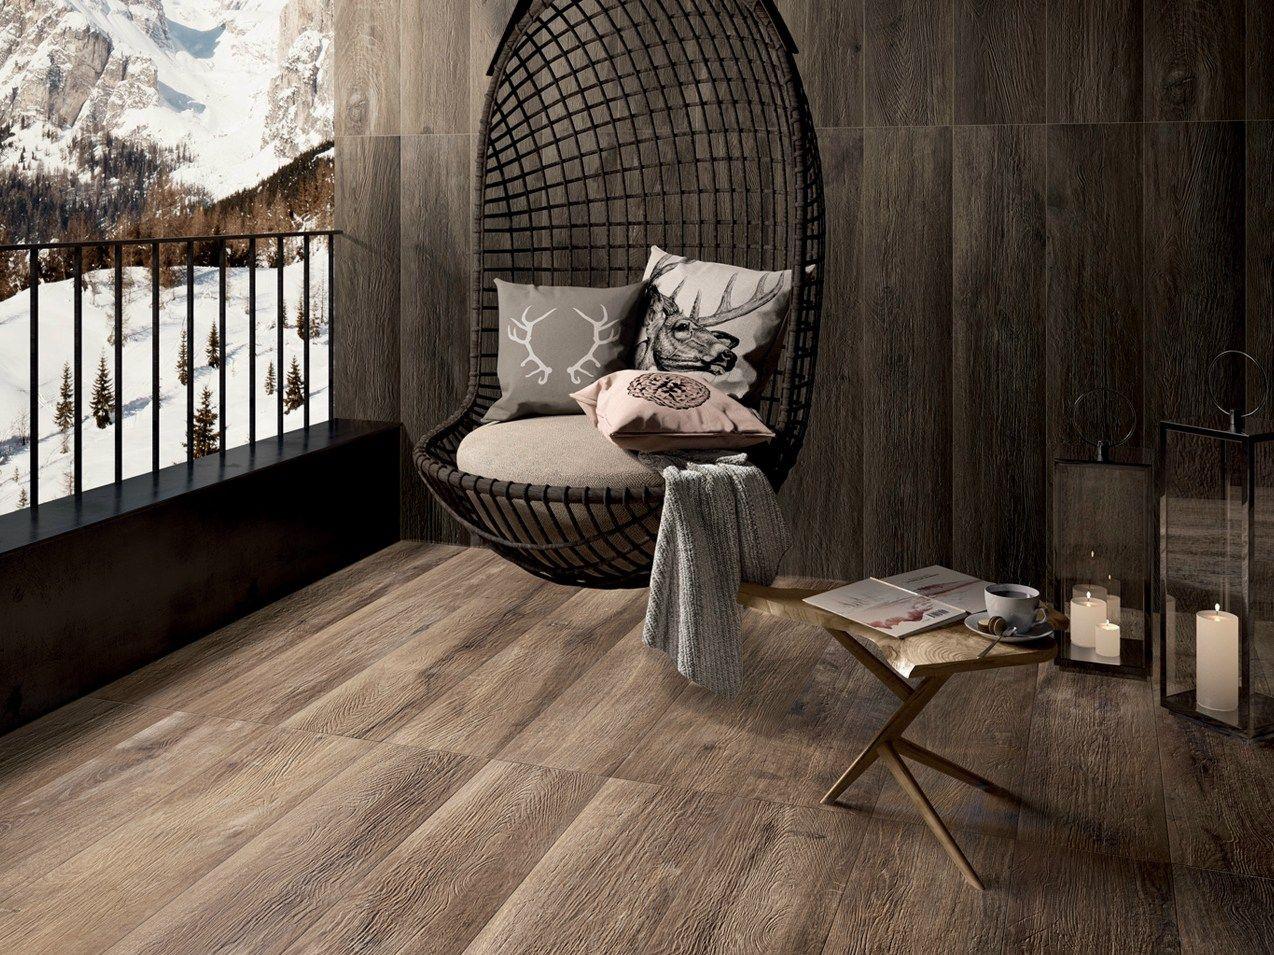 de paredsuelo de gres porcelnico imitacin madera legend by ariana ceramica italiana